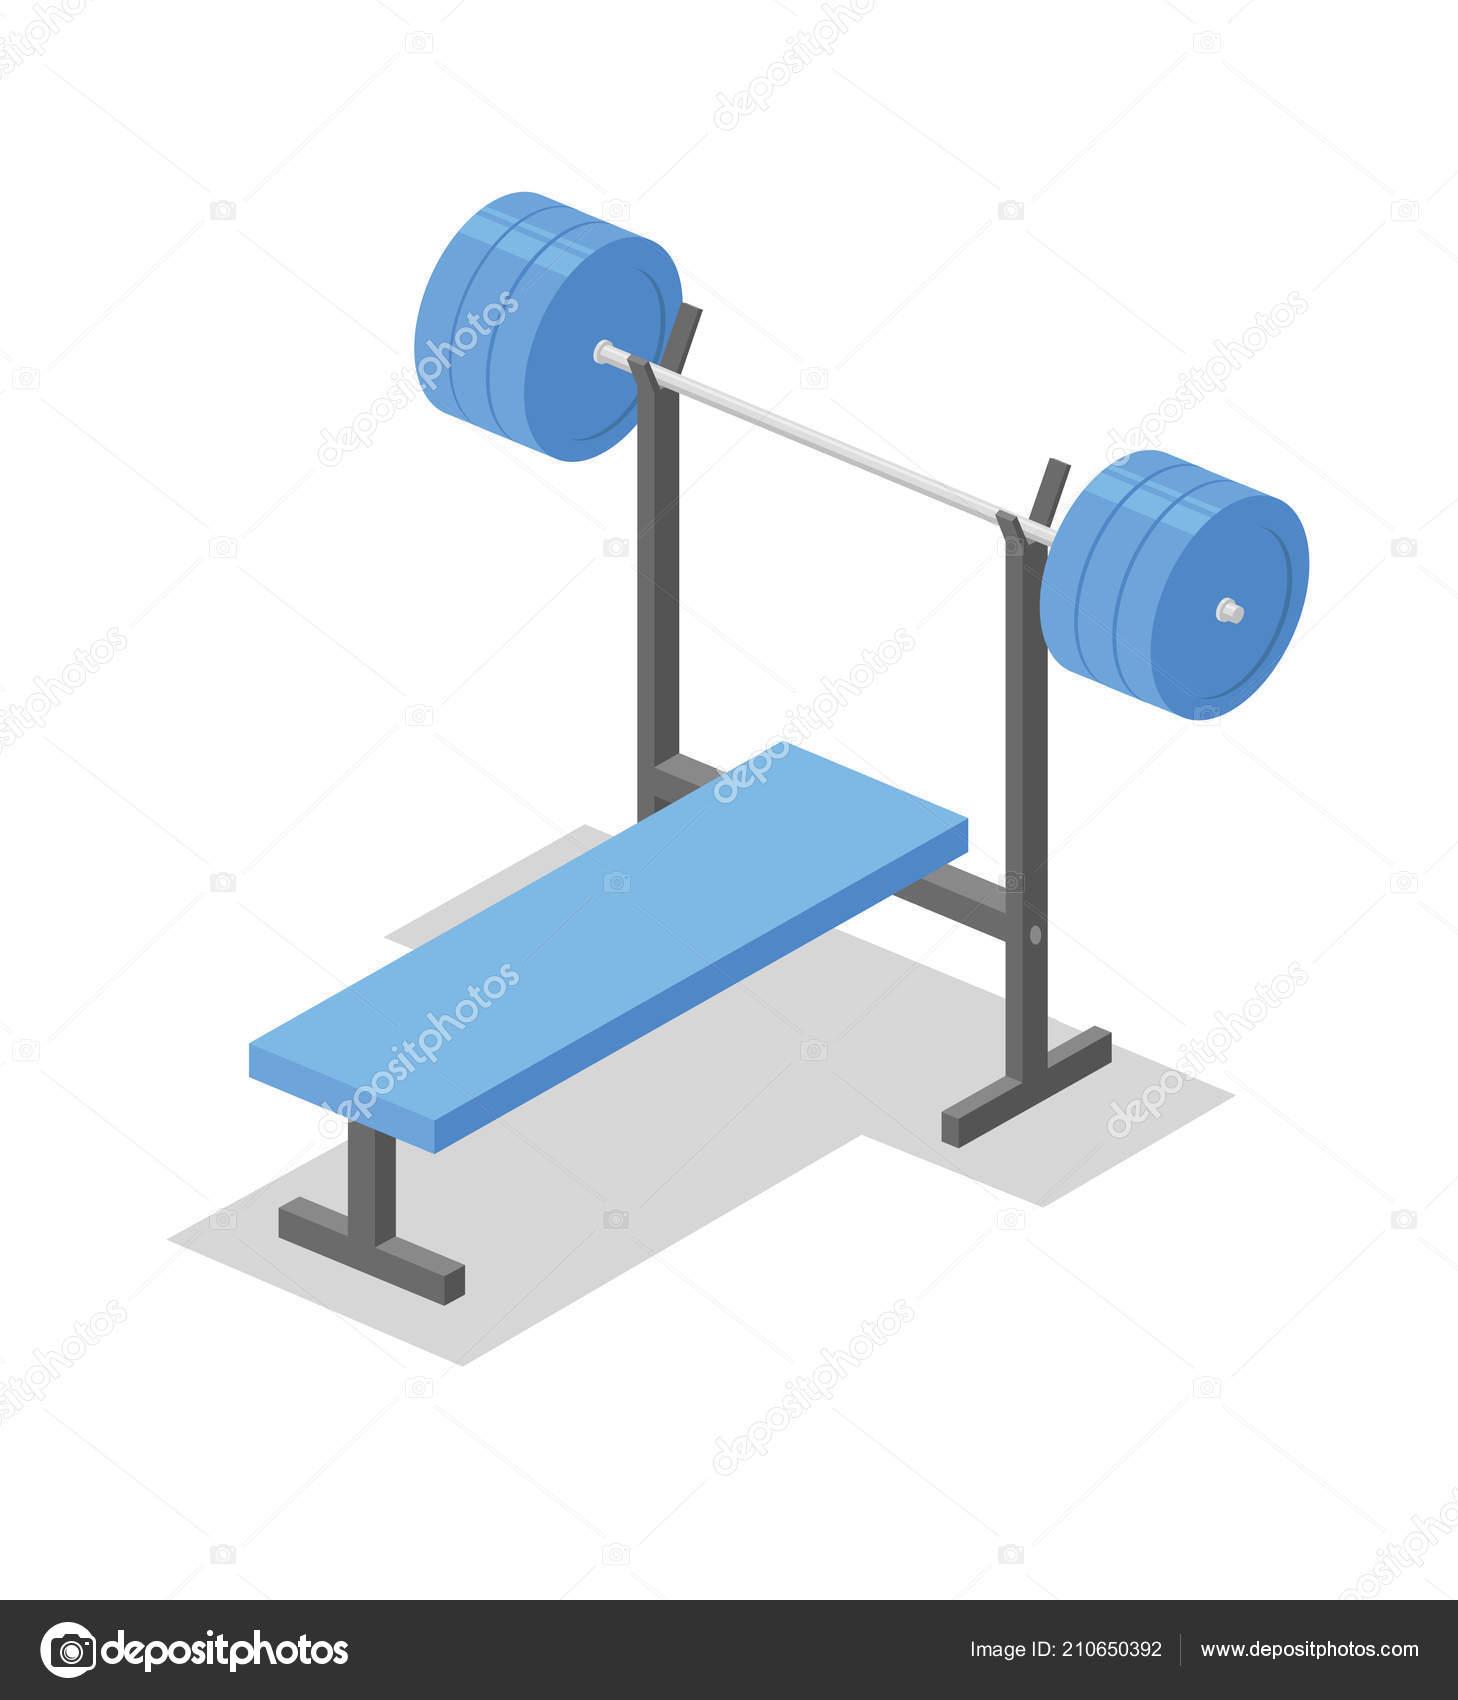 precio de banco plano para gimnasio